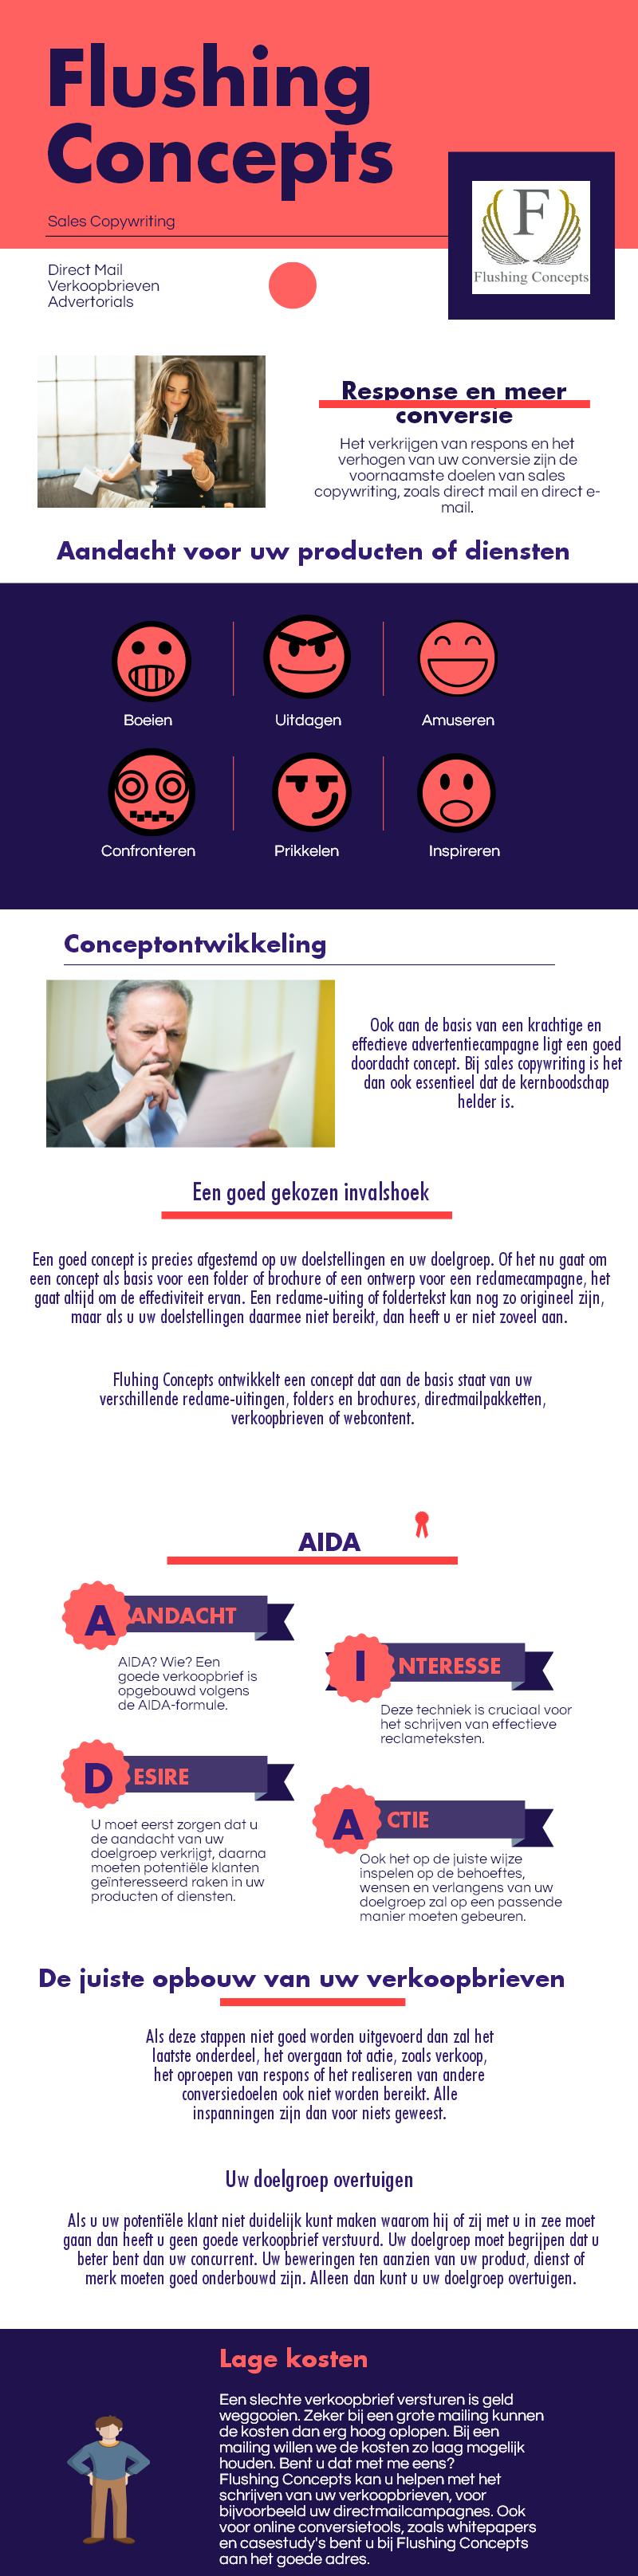 Infographic over de strategische sales copywriting en verkoopbrieven van Flushing Concepts.